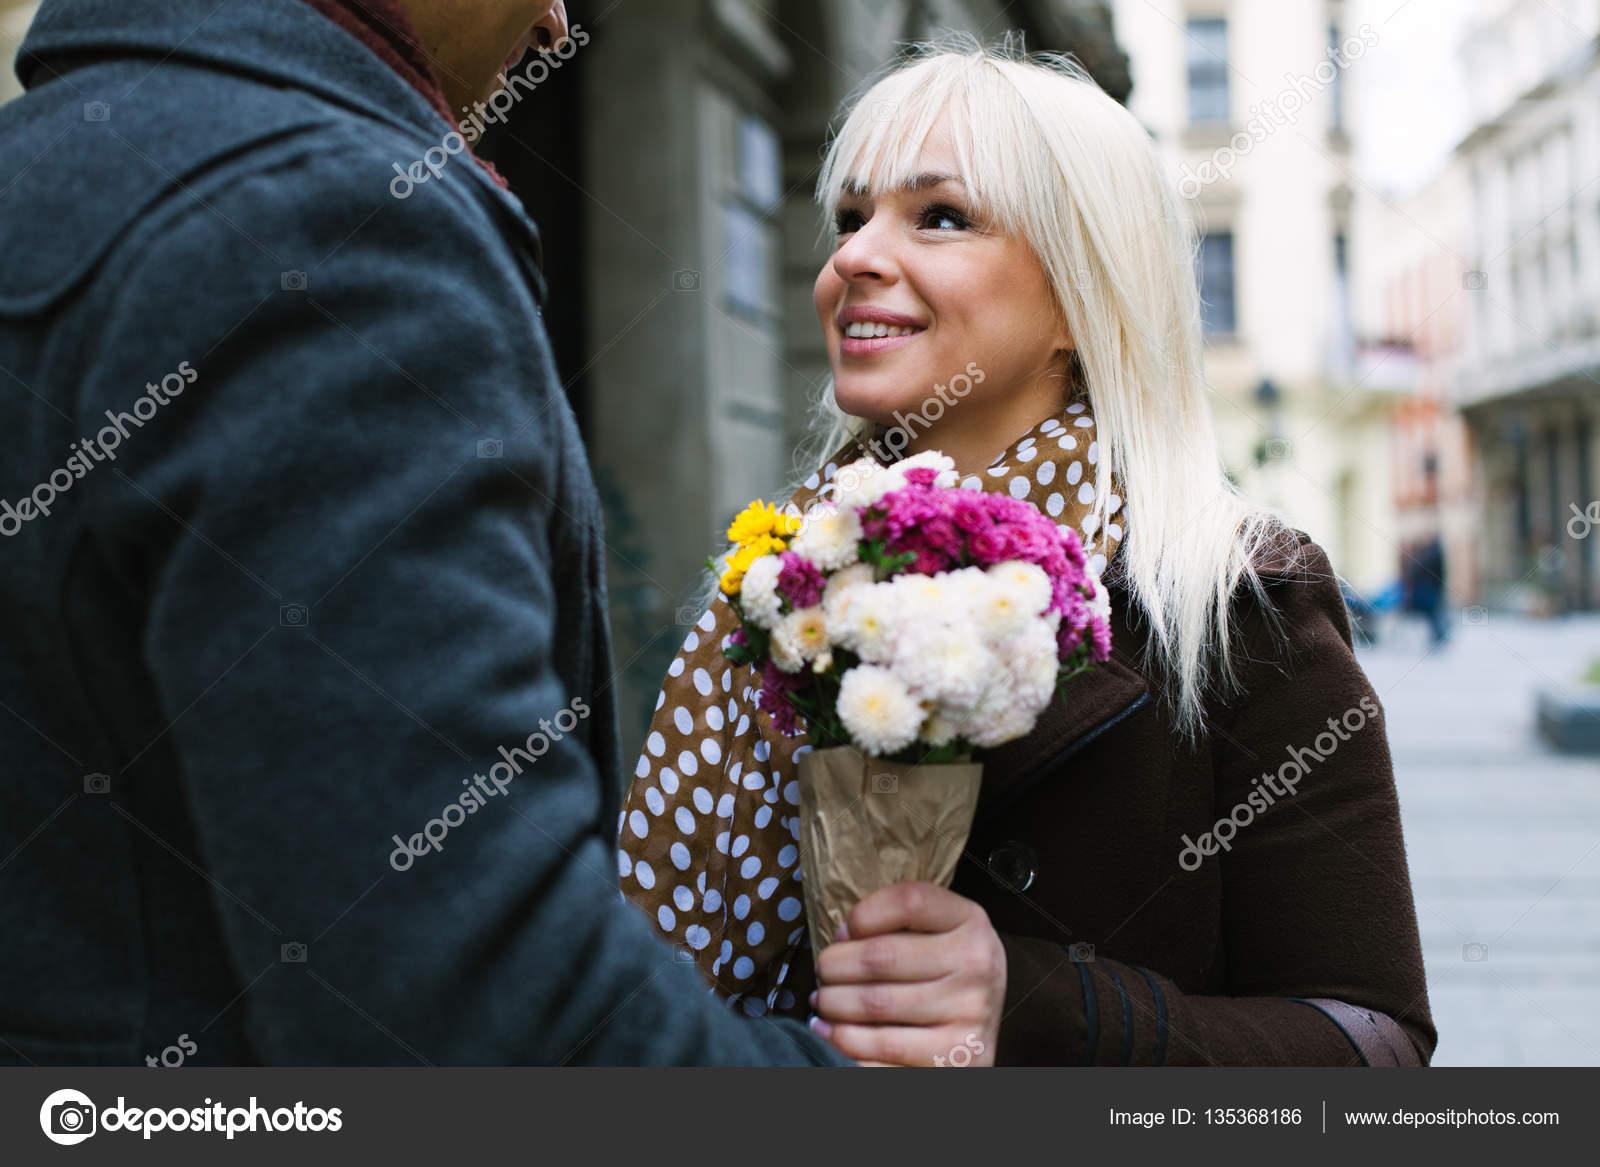 Romantyczne miejsca chandigarh na randki